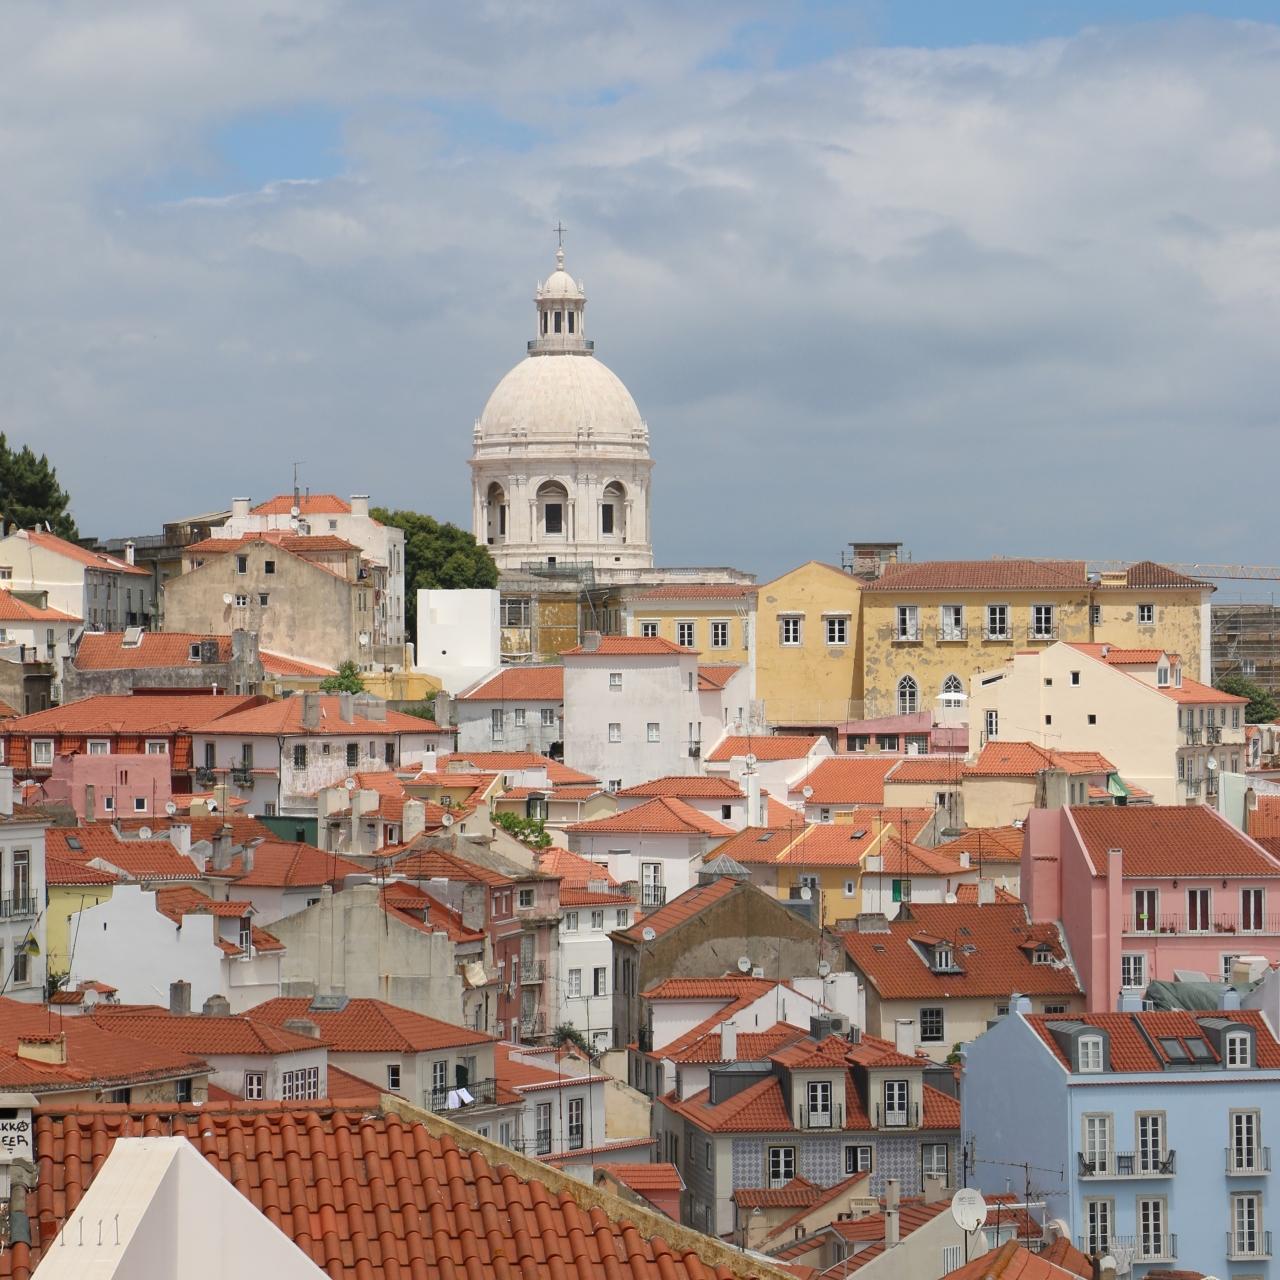 2016 ポルトガルの旅(2)7つの丘の街《...